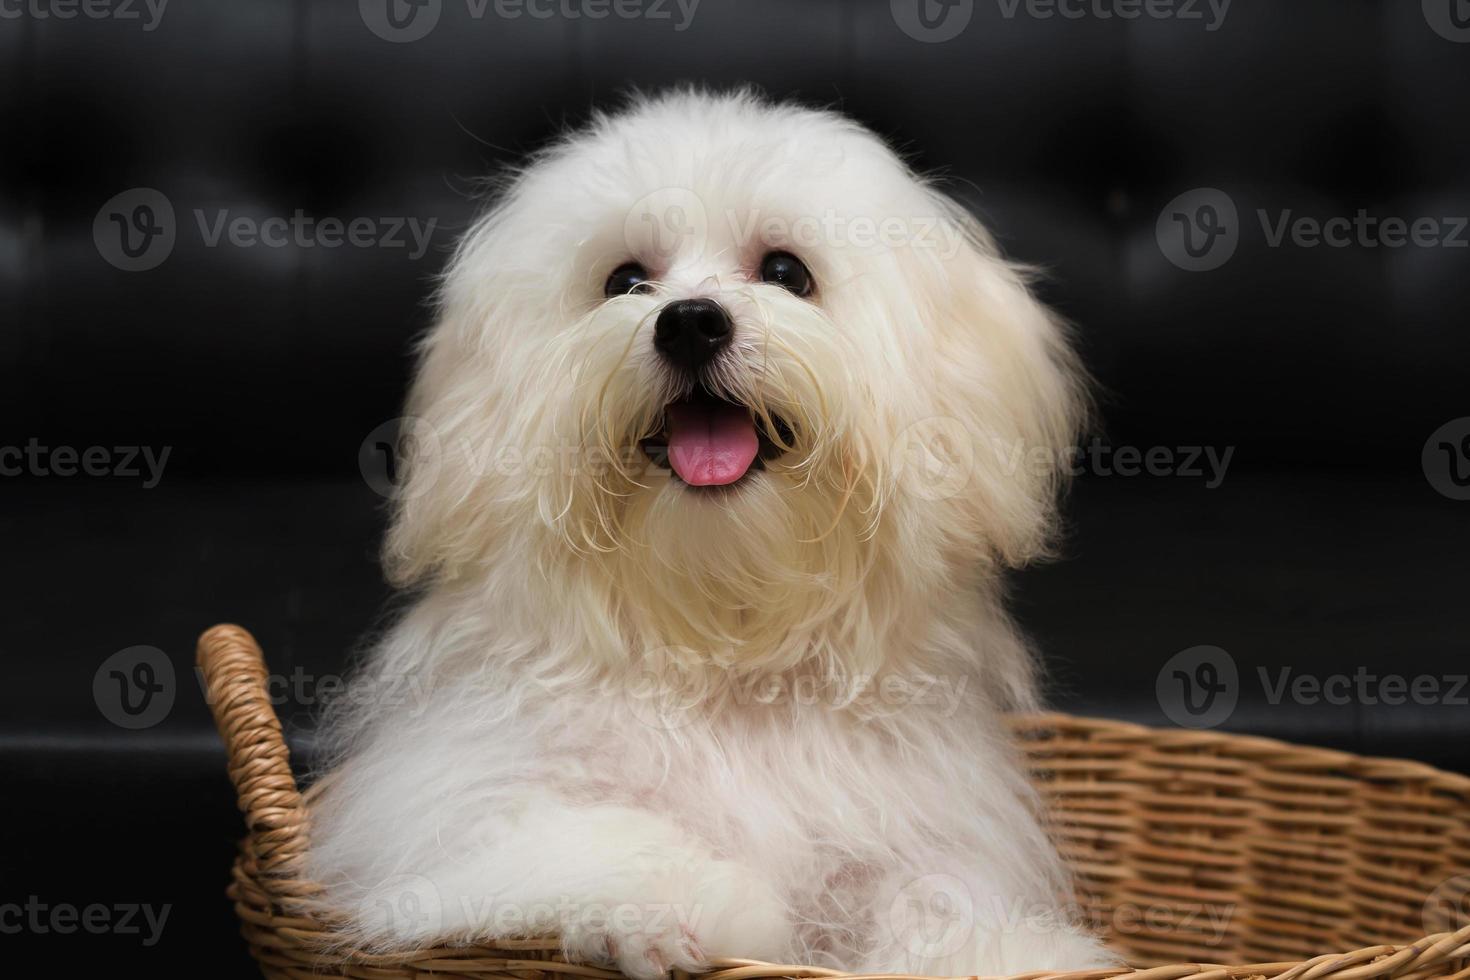 shih tzu cucciolo di razza cane minuscolo foto